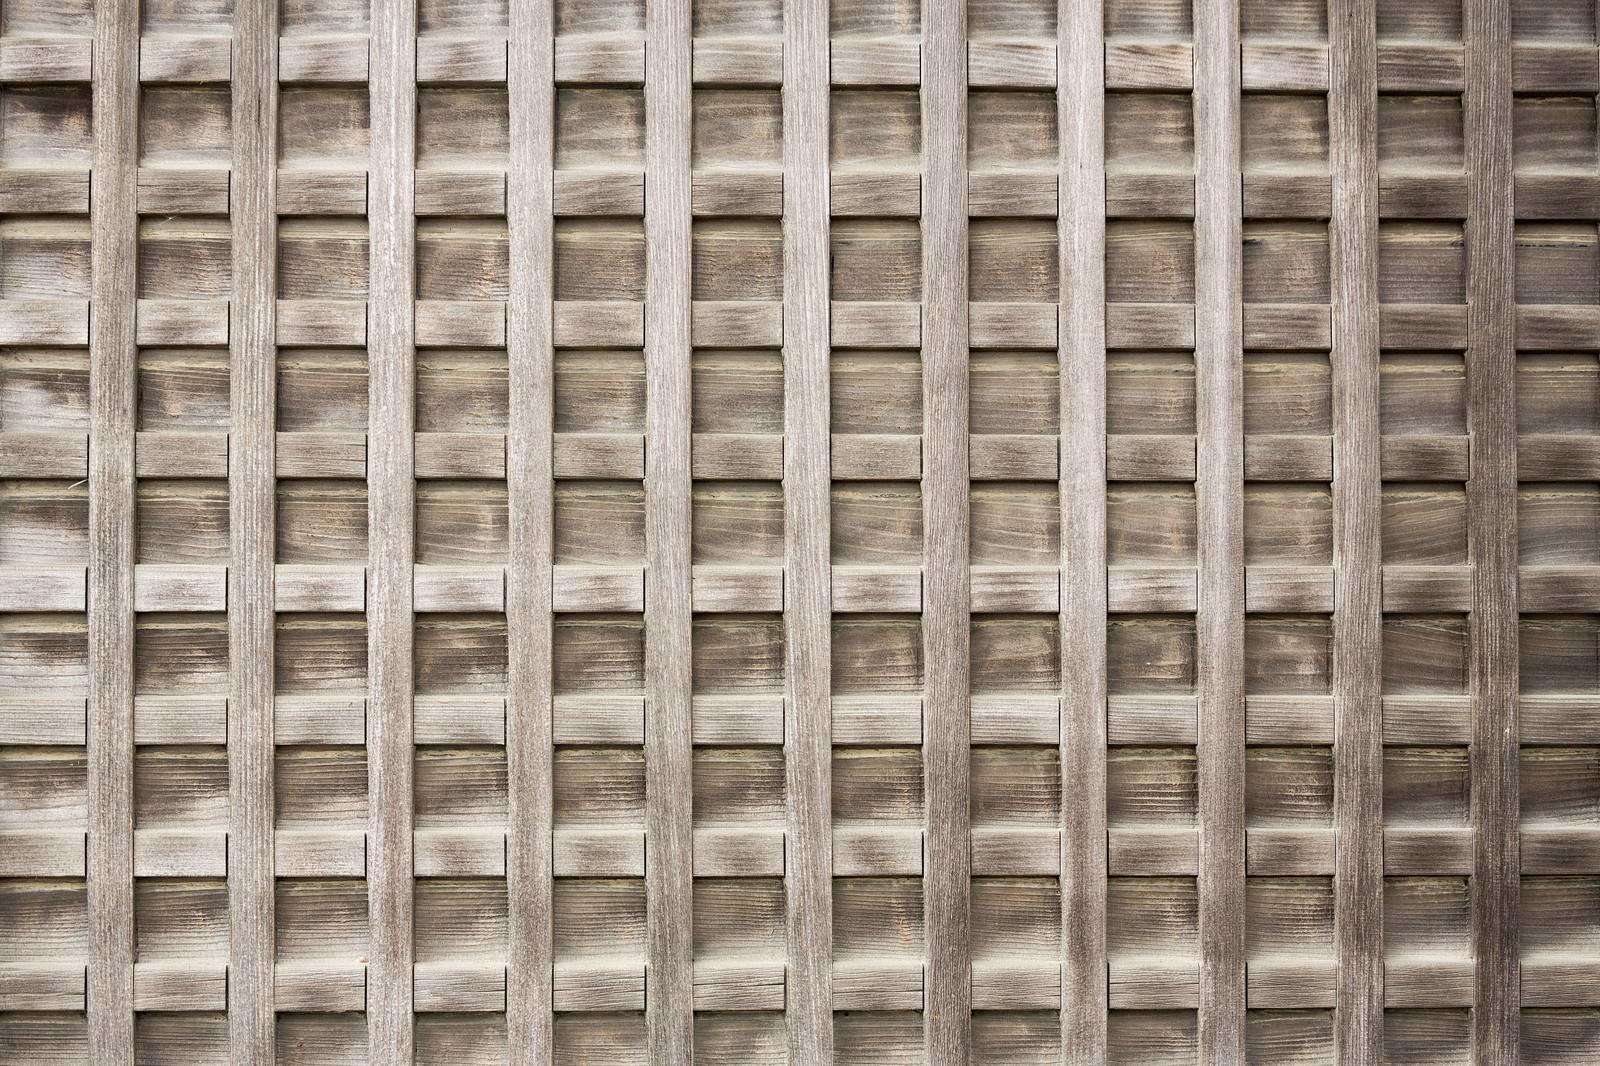 「格子状の壁」の写真